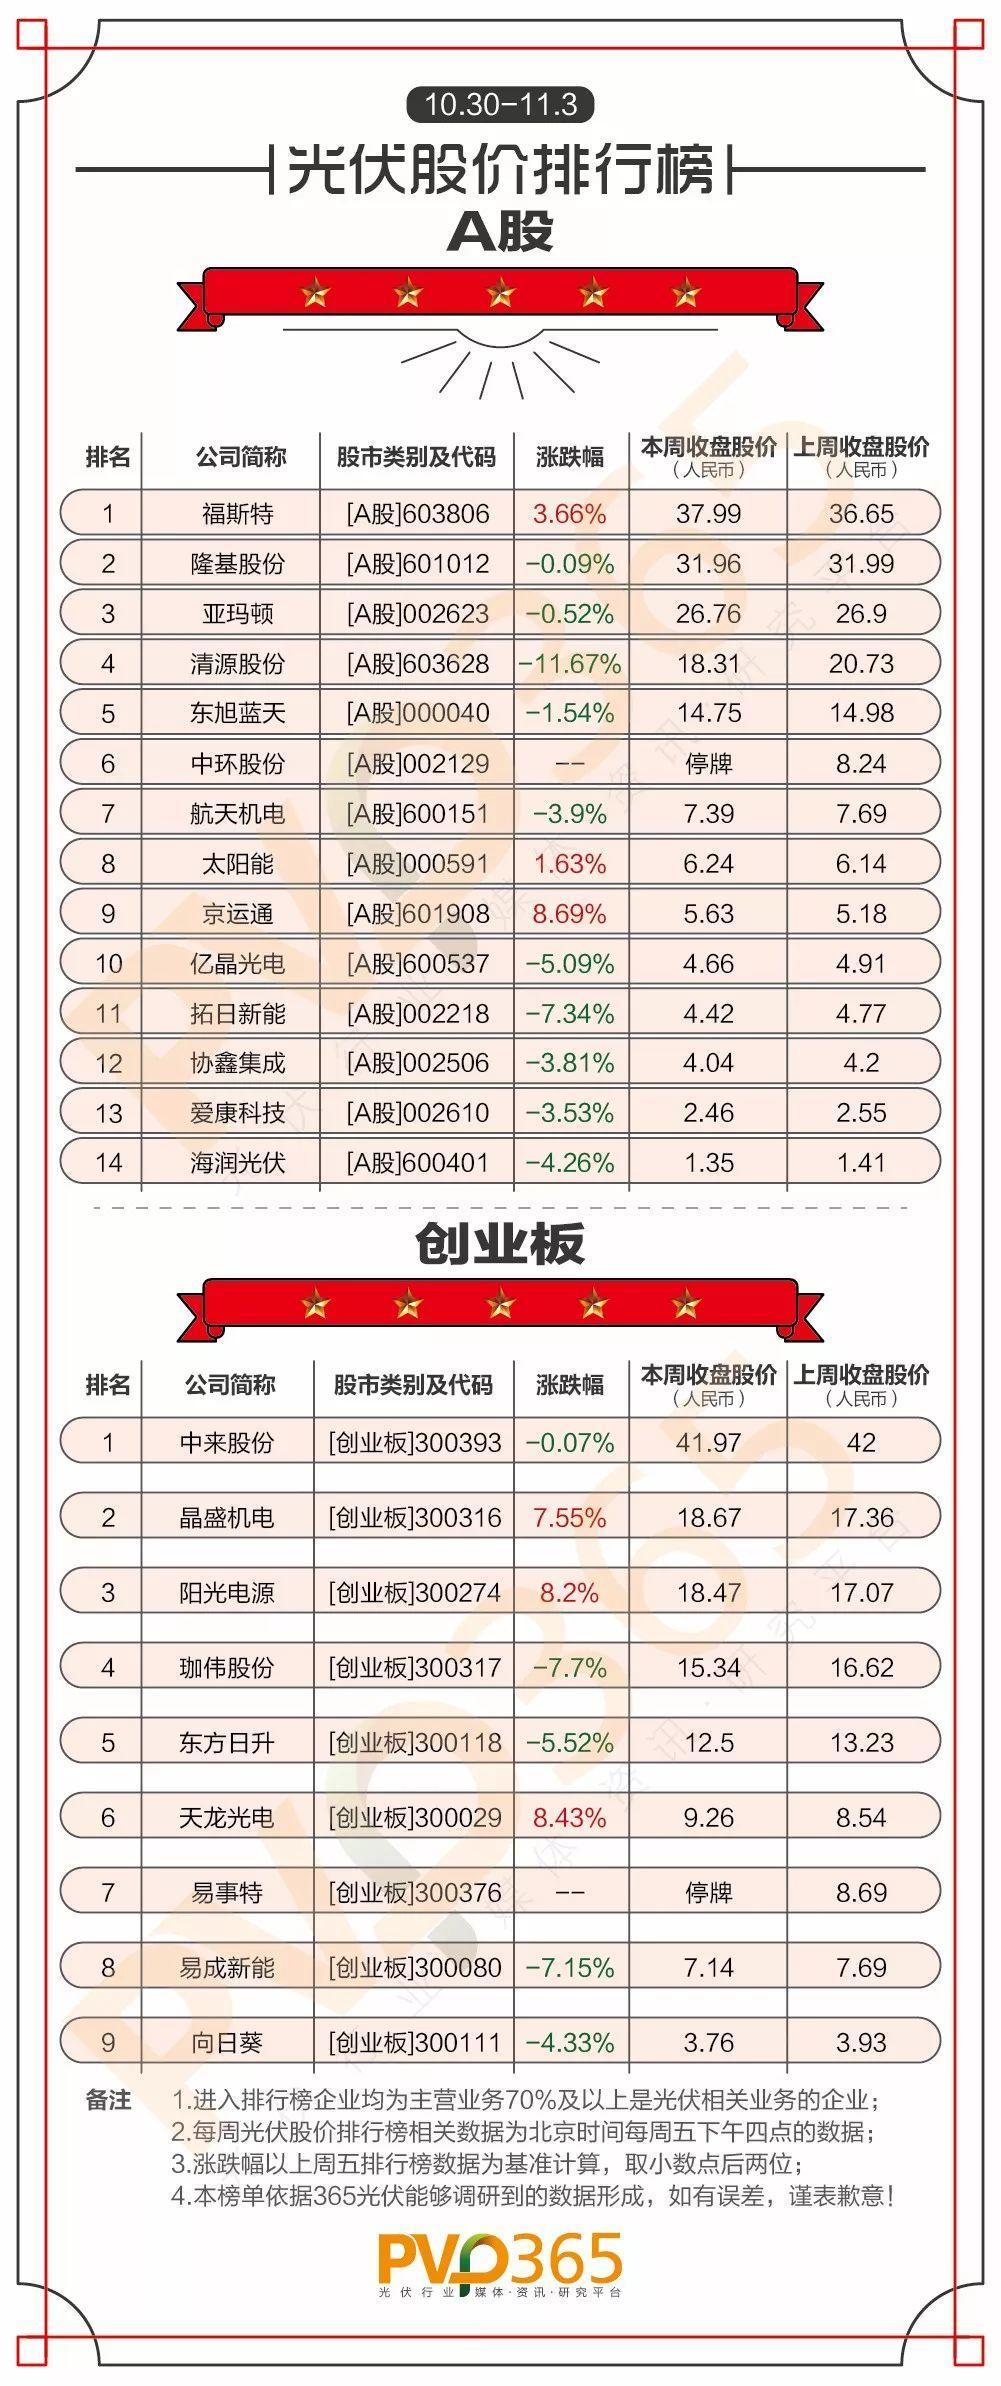 (10.30-11.03)每周光伏企业股价、市值龙虎榜